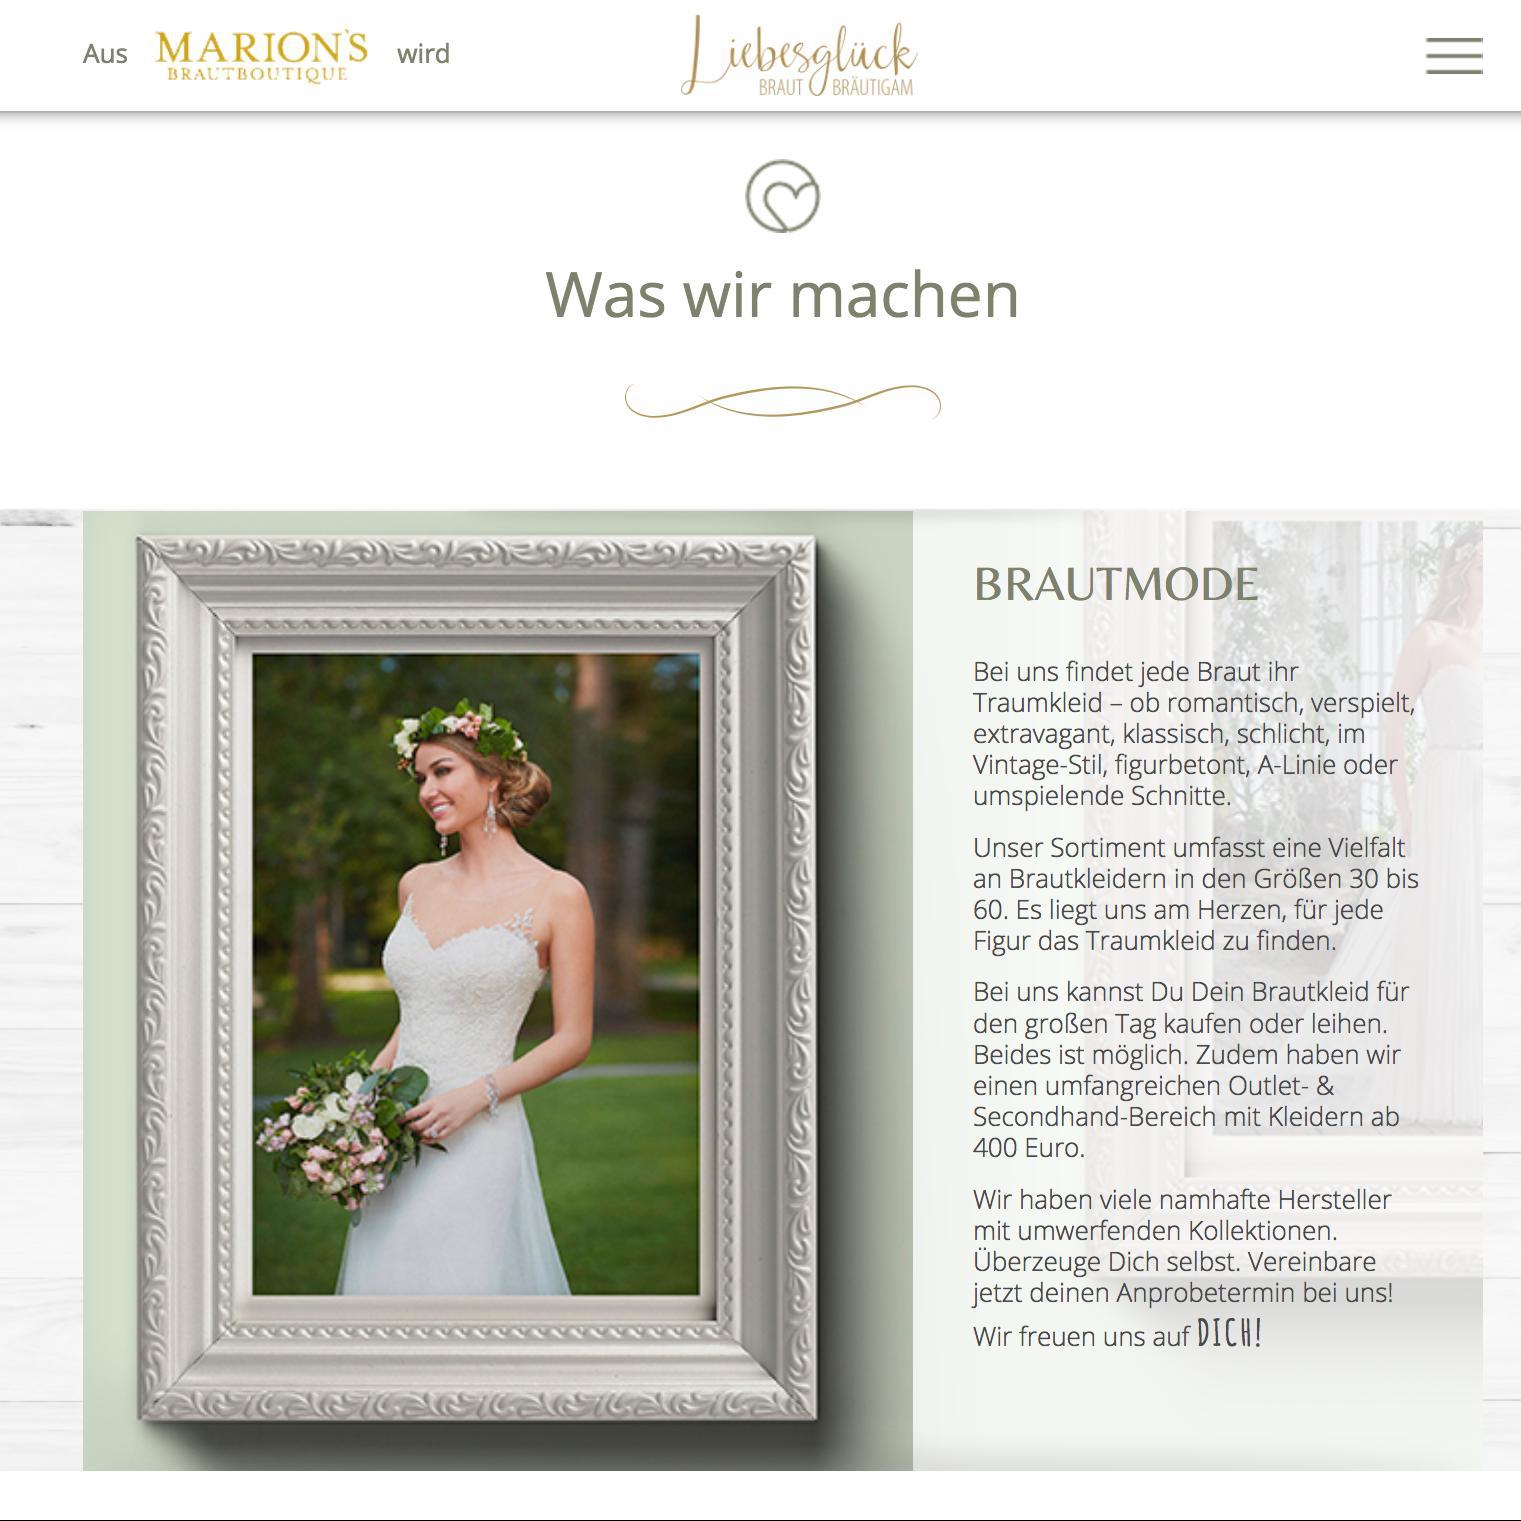 Brautmode Würzburg Webdesign Gestaltung Liebesglück